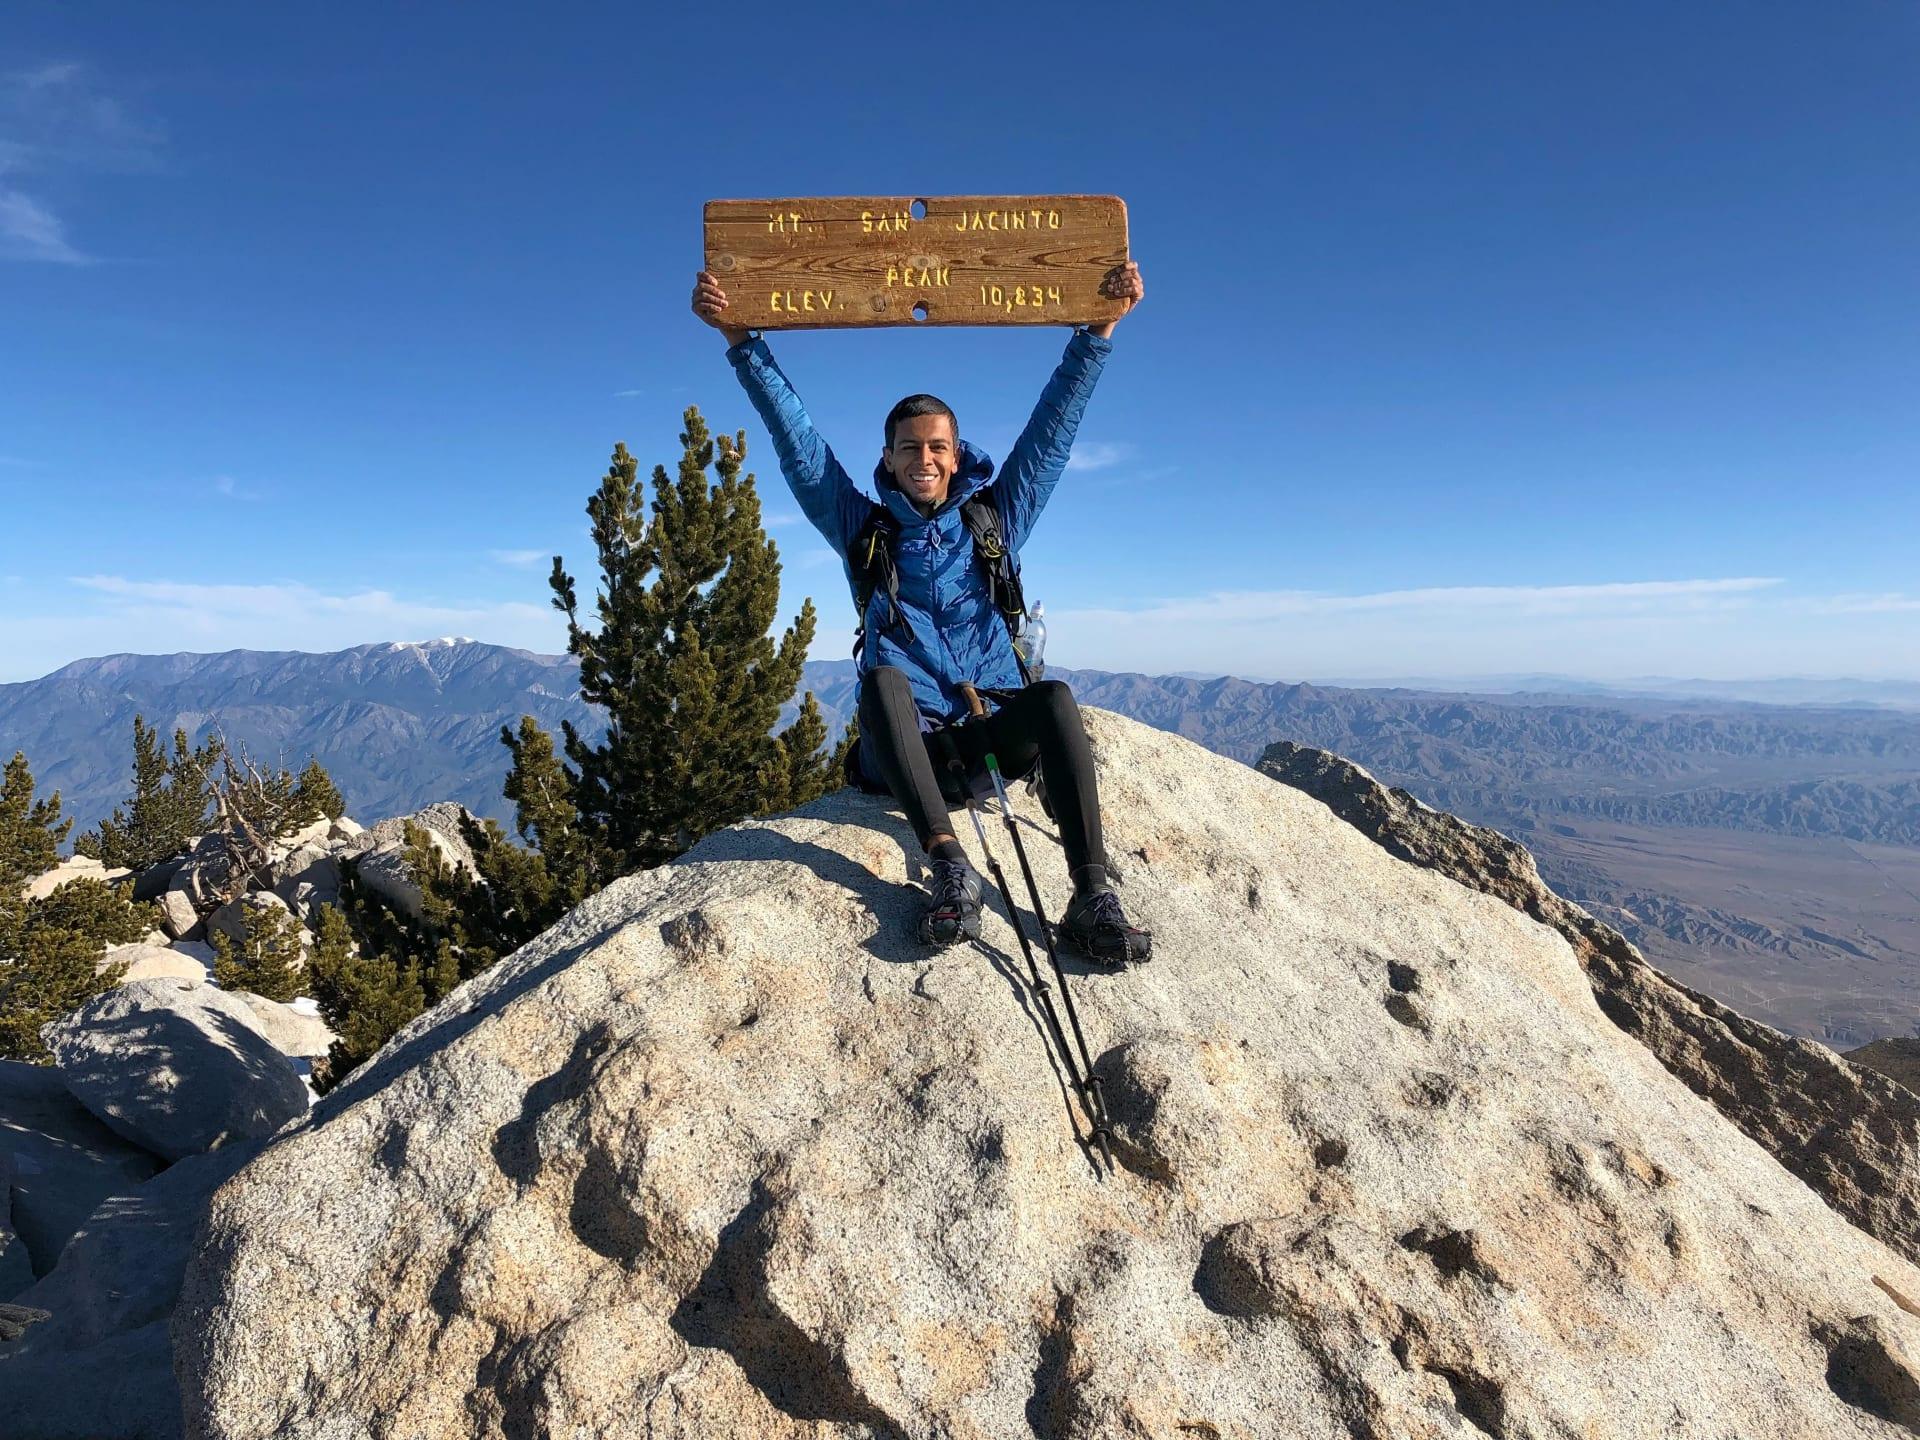 """على قمة جبل """"سان خوسينتو""""، أحد أعلى جبال جنوب ولاية كاليفورنيا."""